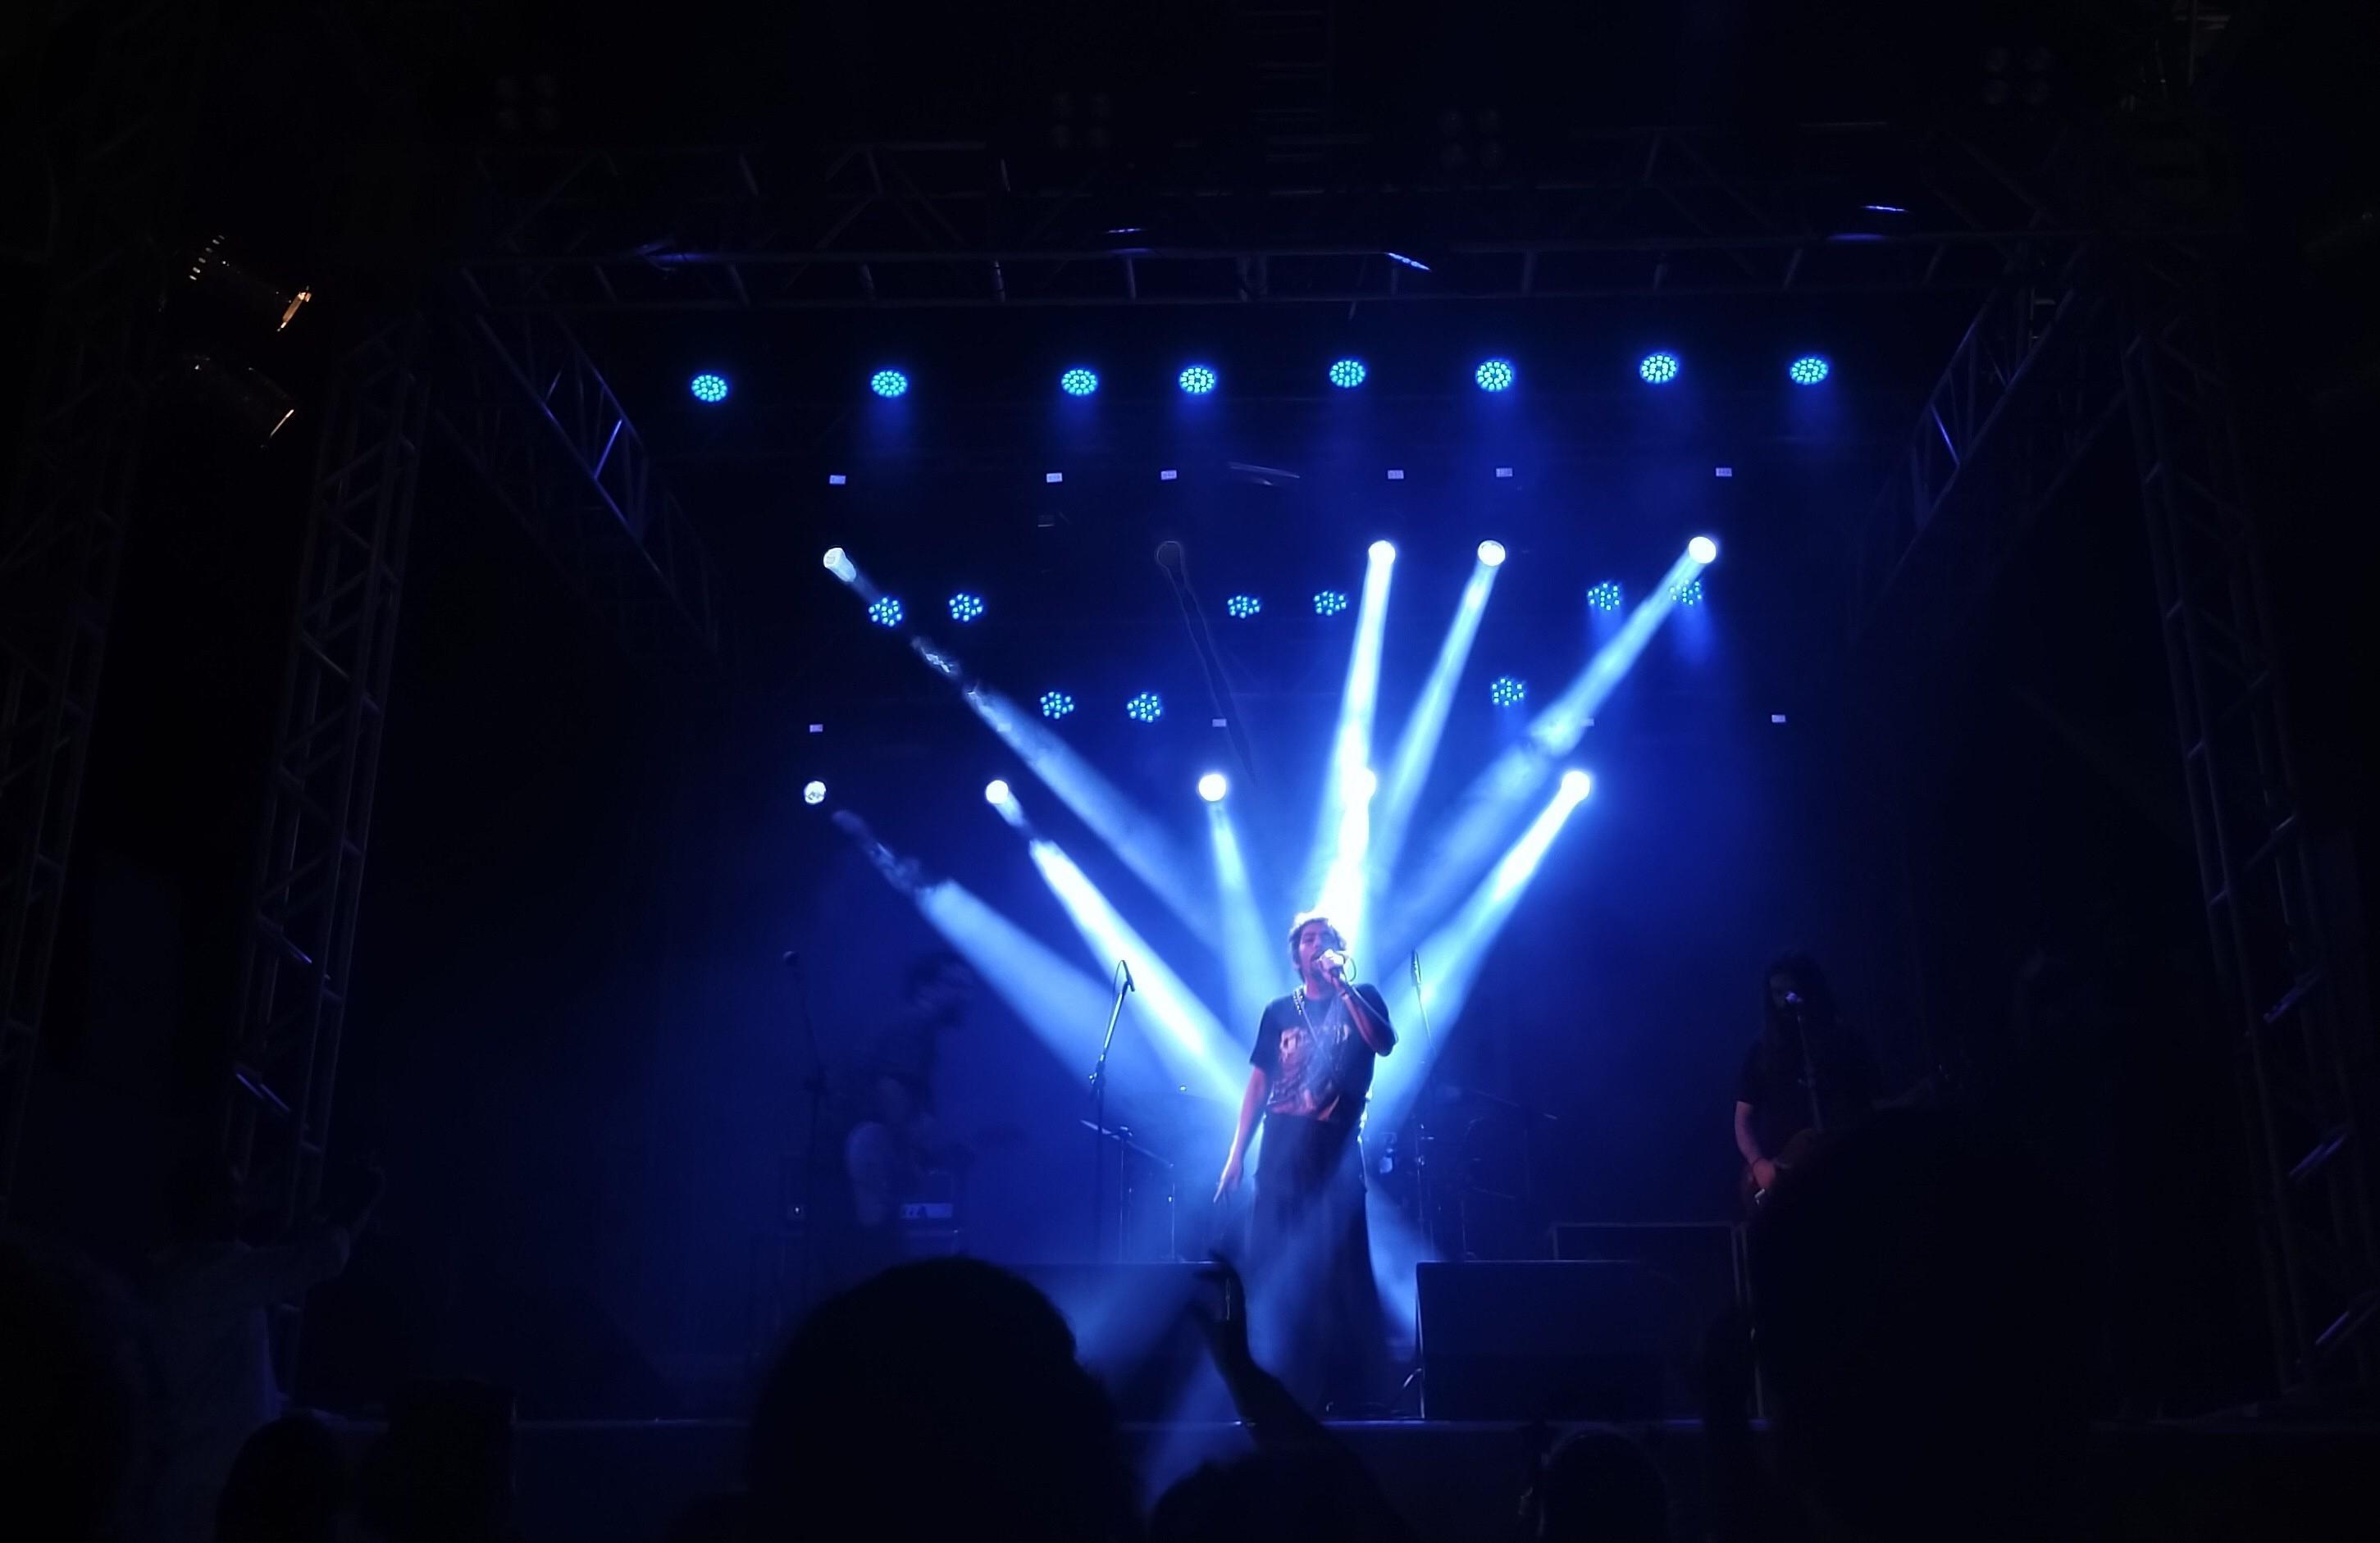 Artistas relatam intervenção policial em shows no carnaval do Recife; PM nega proibição de músicas